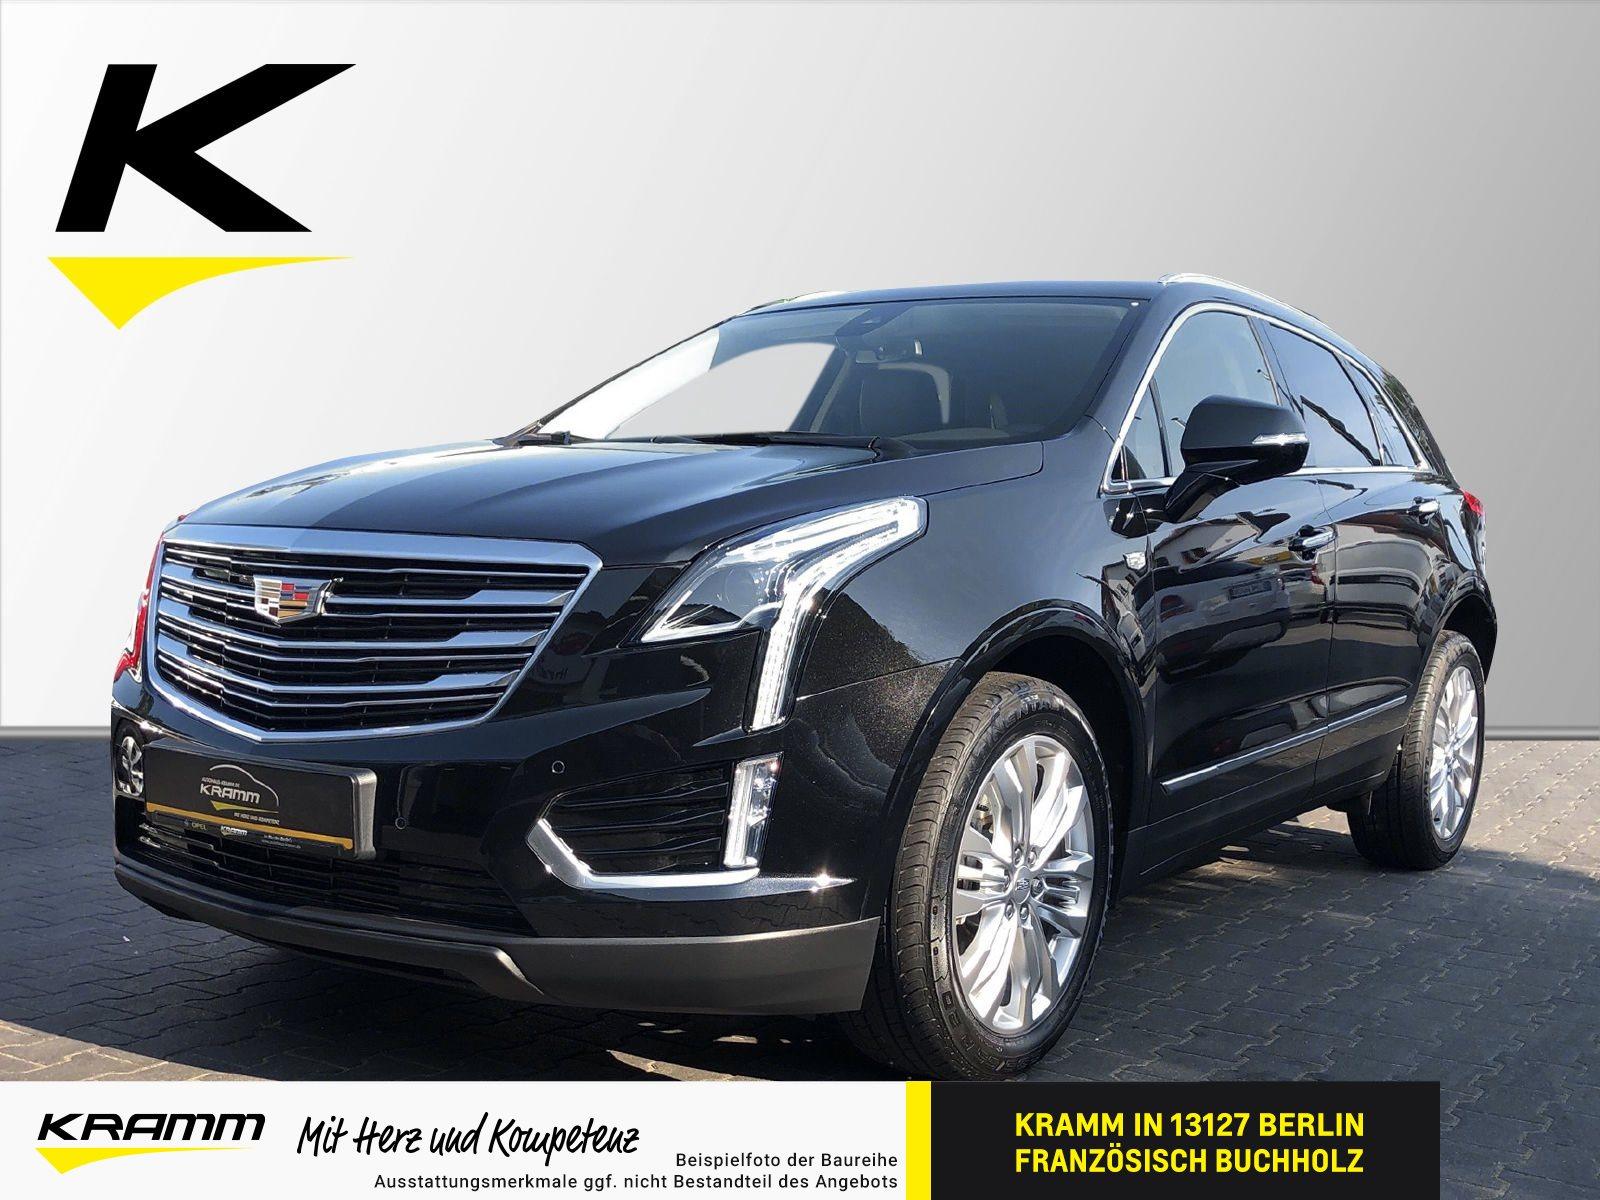 Cadillac XT5 Premium AWD 3.6 V6 LED Navi Dyn. Kurvenlicht Klimasitze e-Sitze HUD ACC Rückfahrkam., Jahr 2017, Benzin